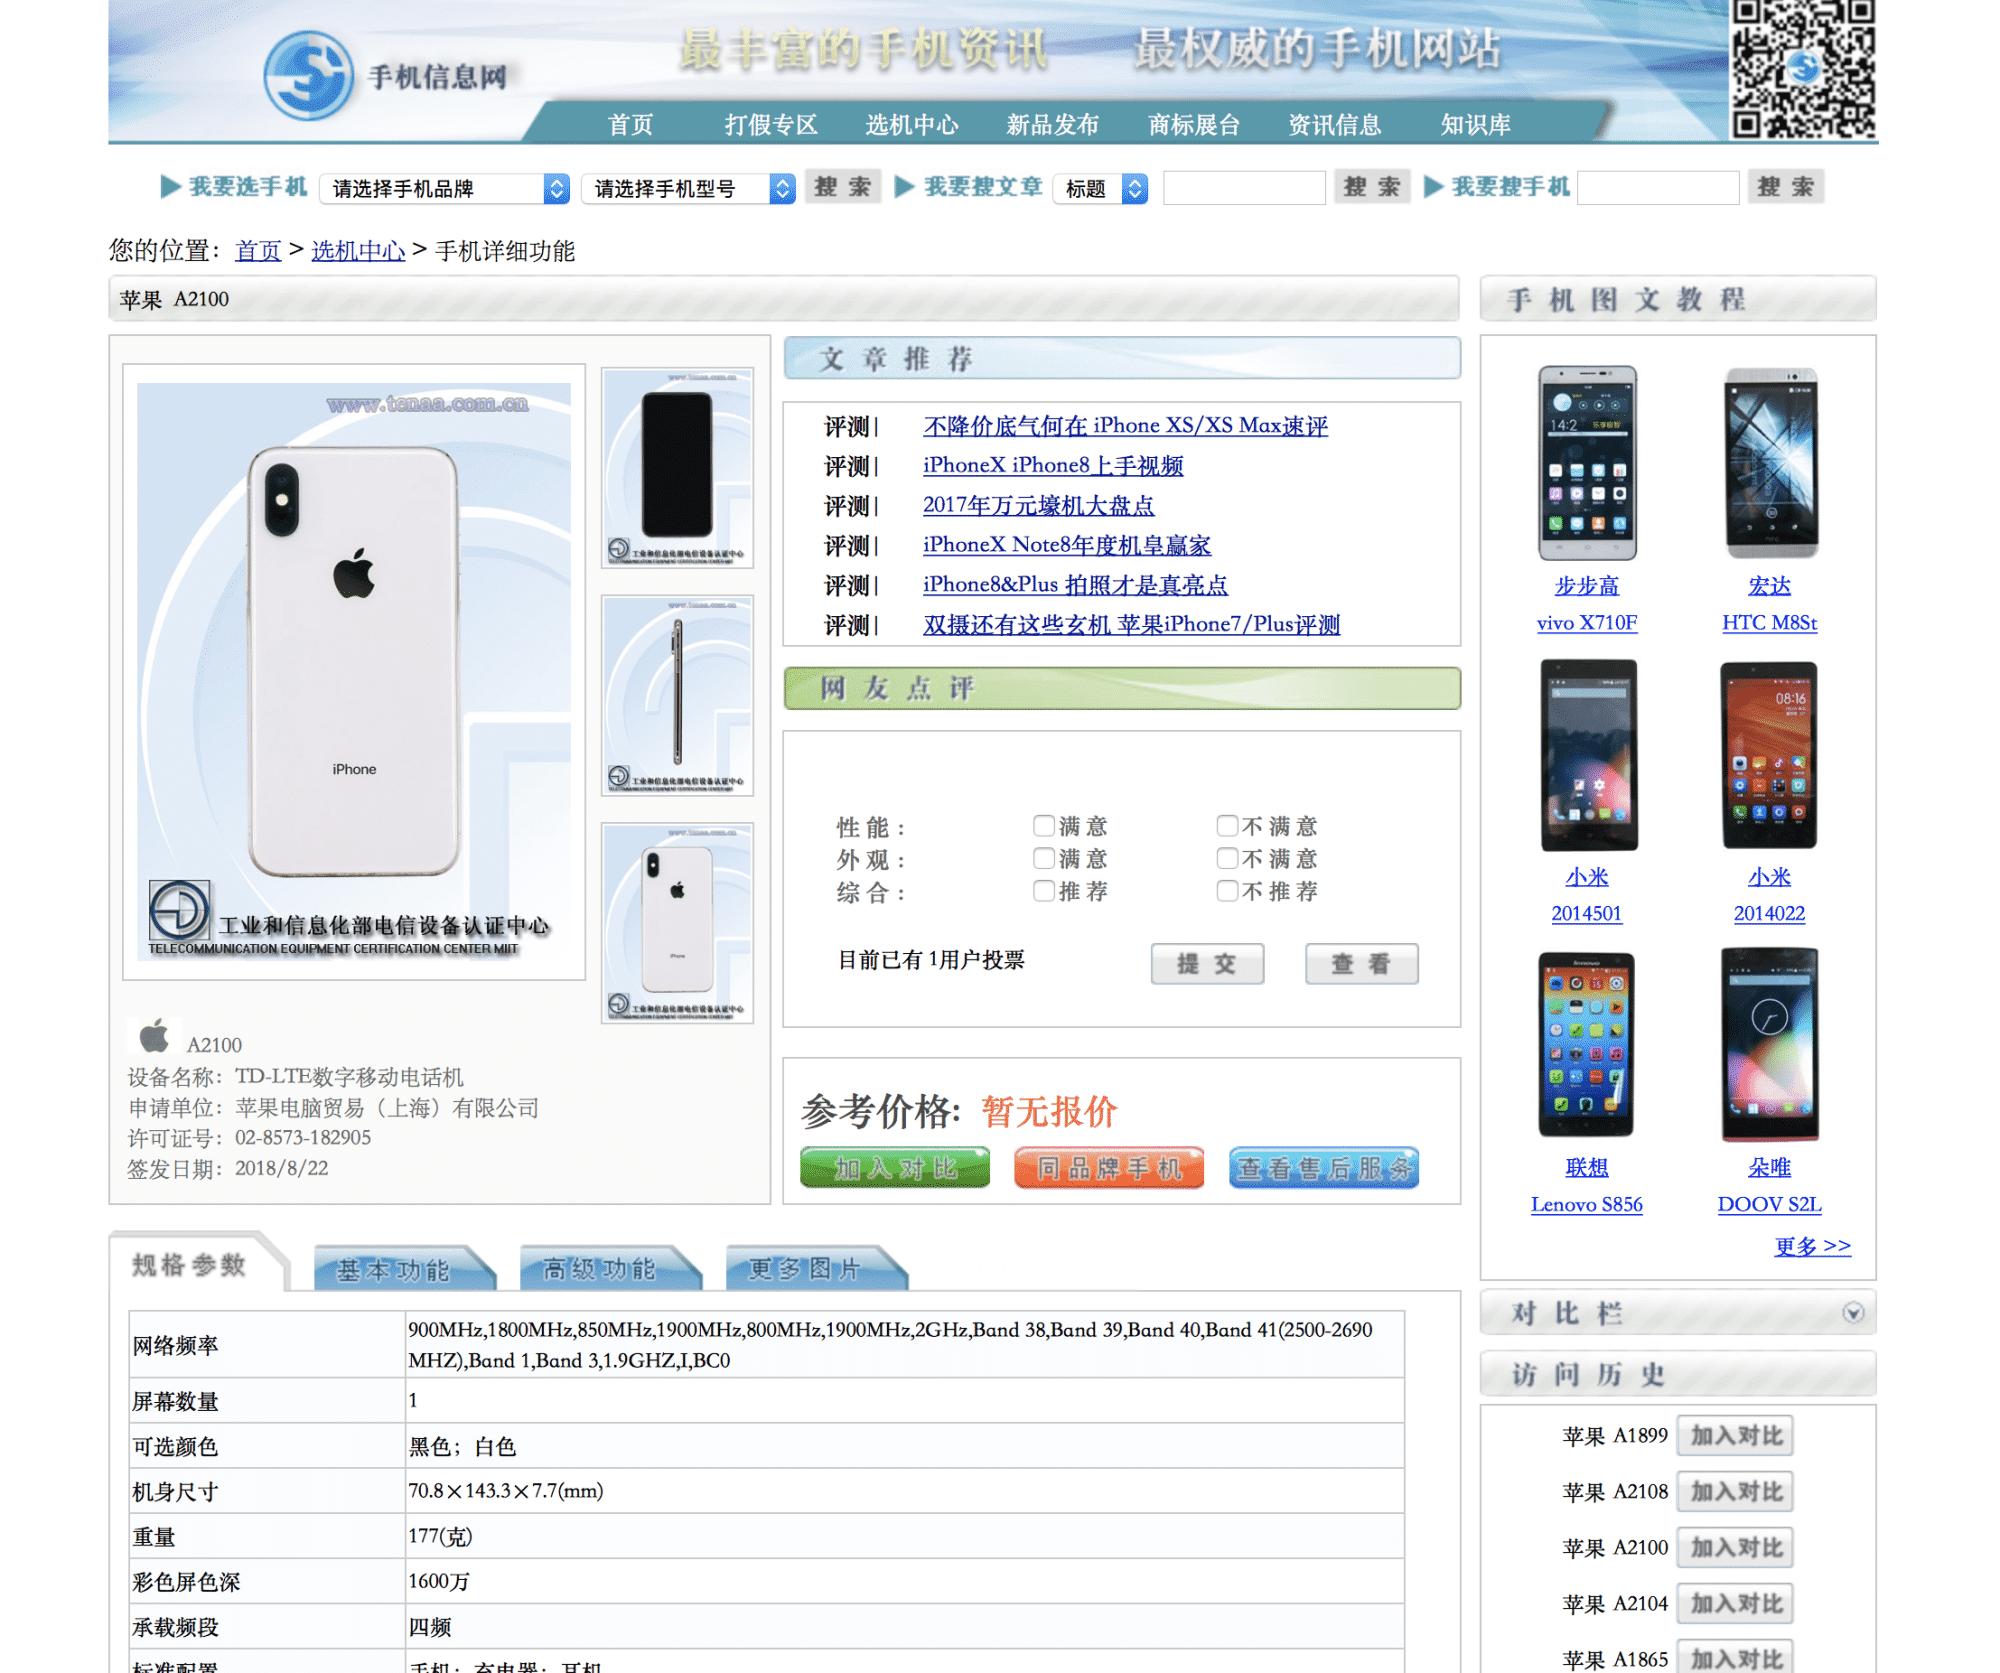 Die Datenbank der Regulierungsbehörde führt auch Spezifikationen auf, die man auf apple.com nicht findet.